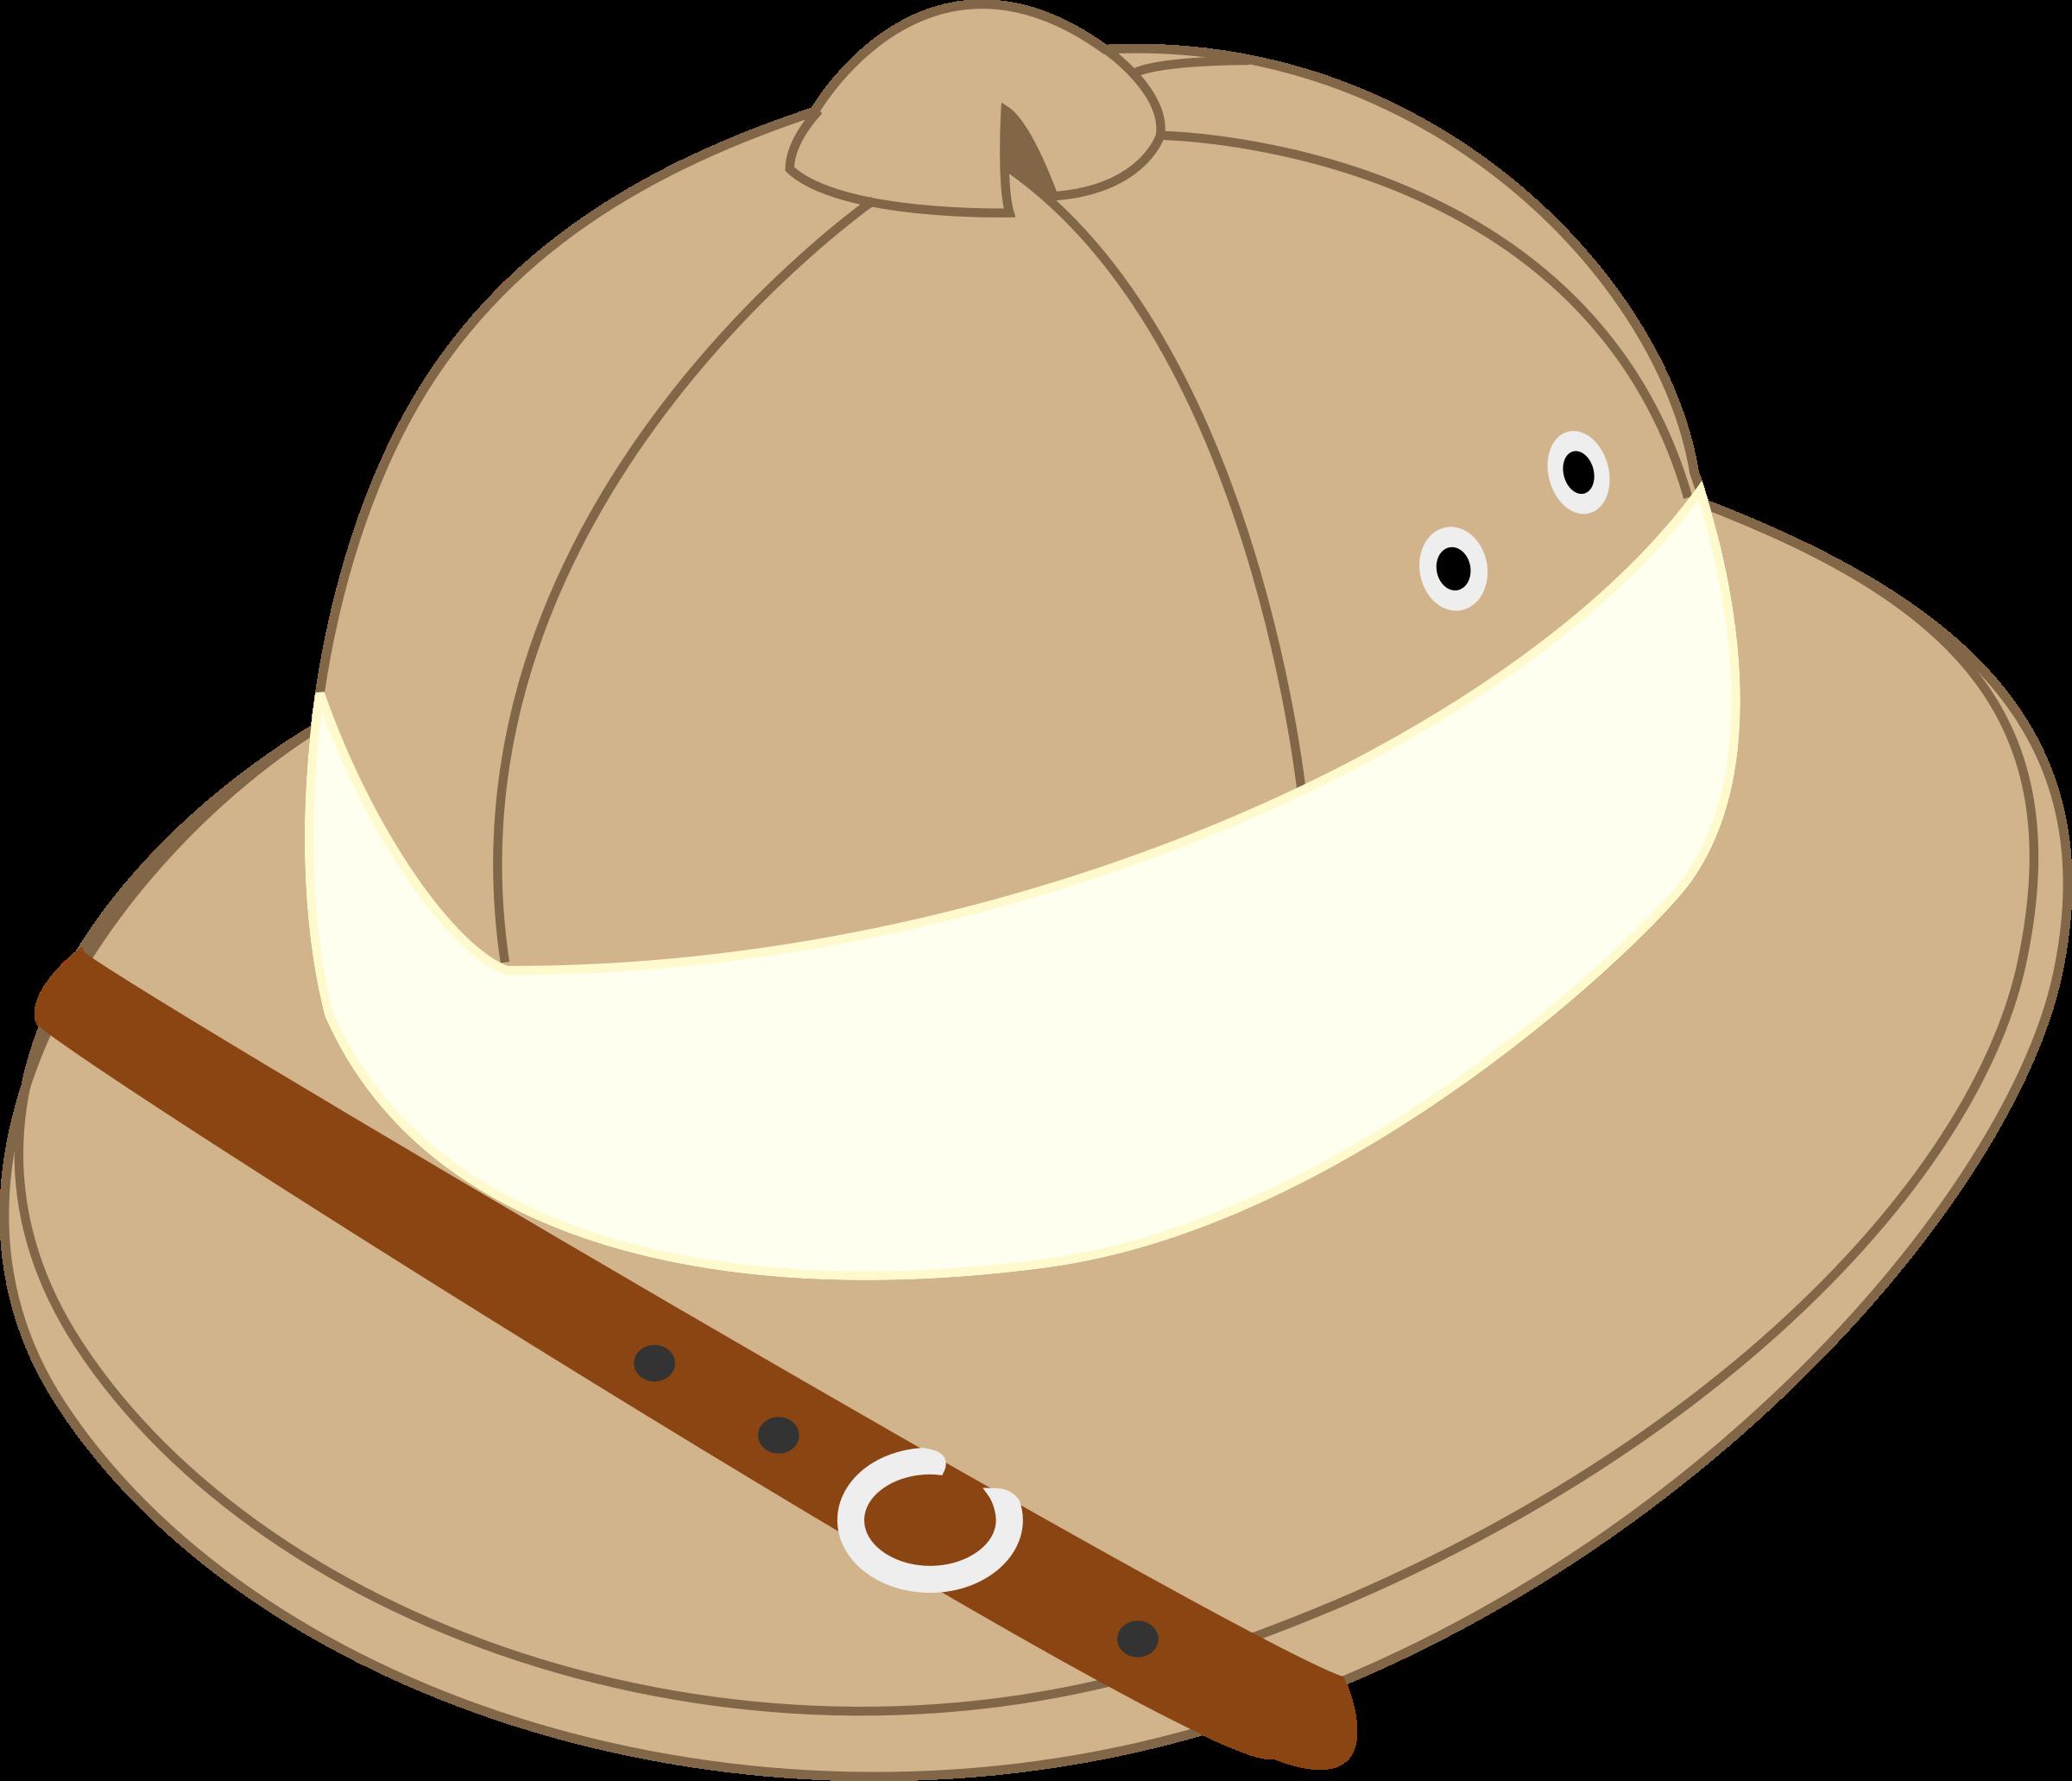 Explorer Hat Clipart.